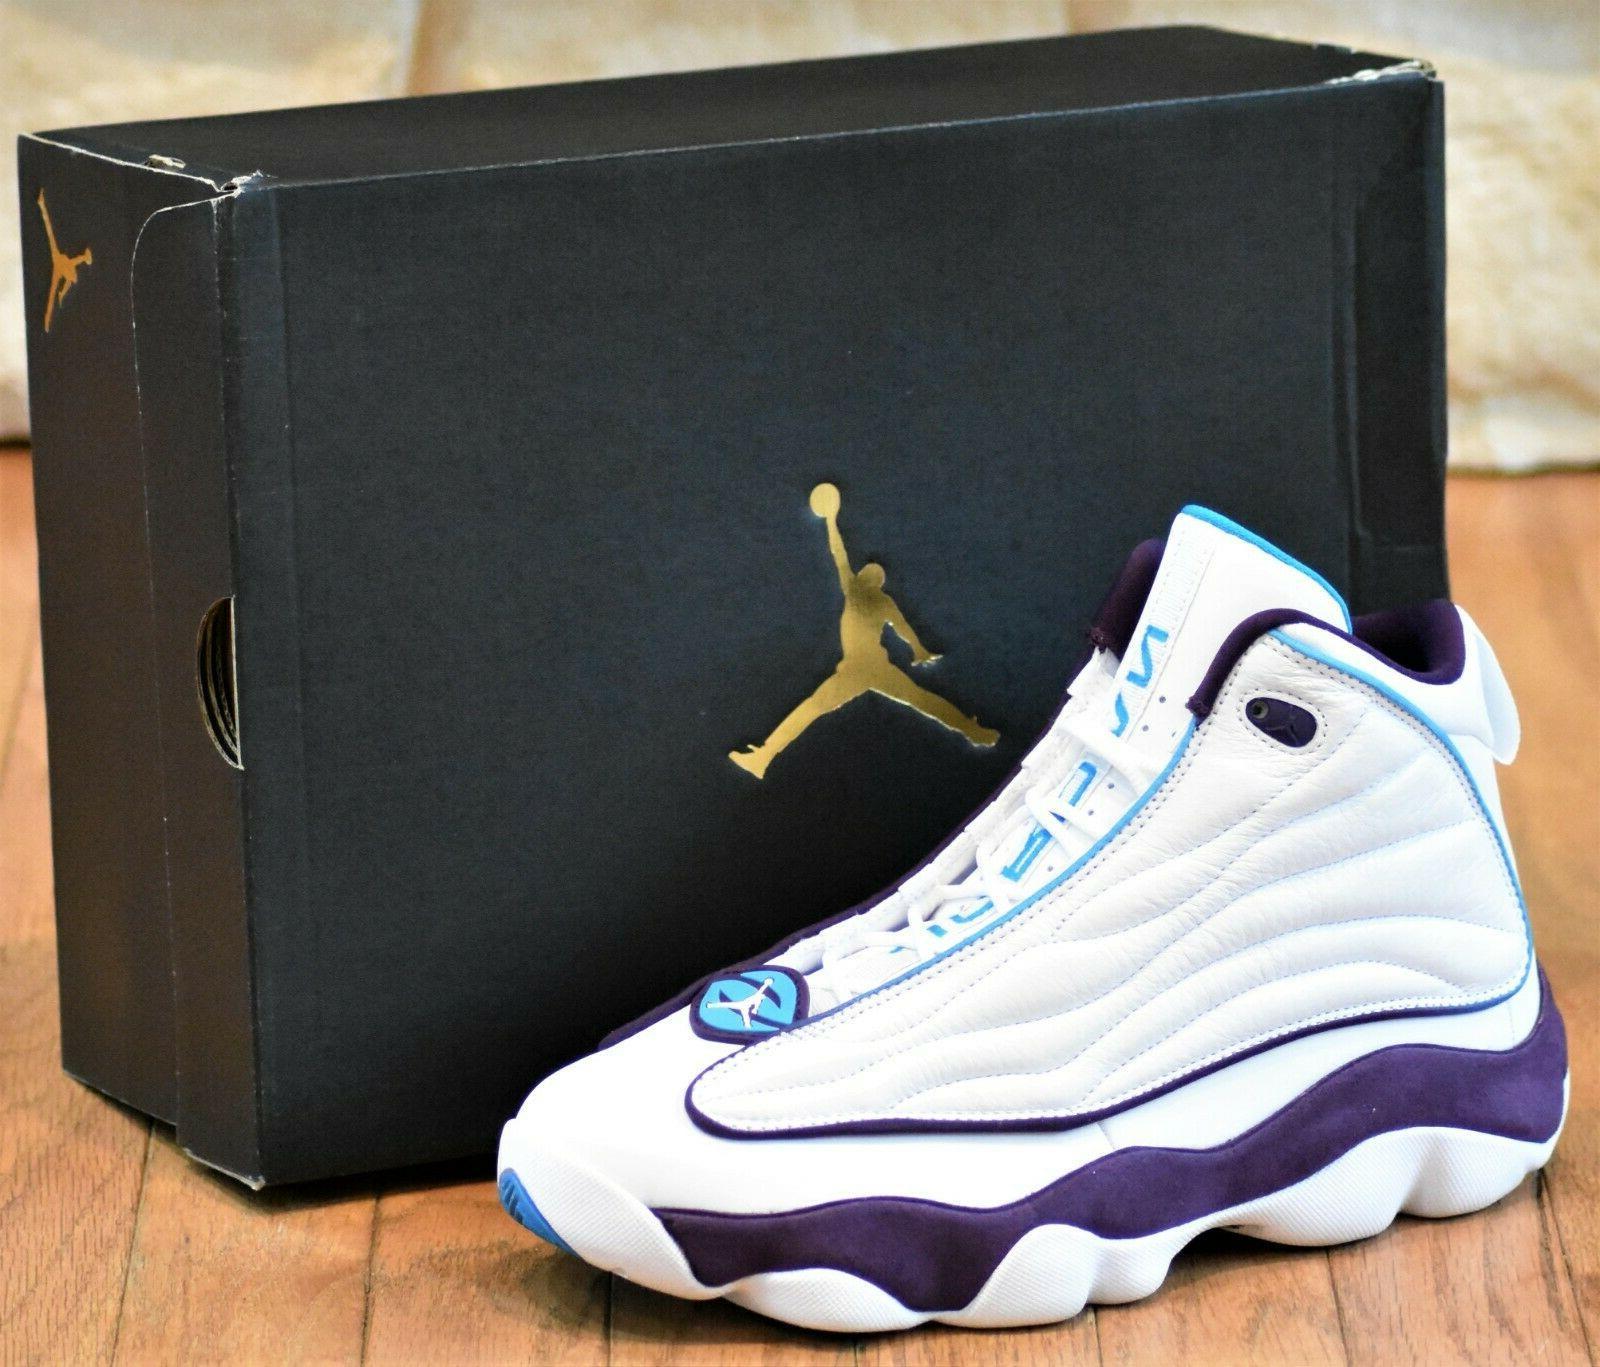 NIKE PRO - New Men's Shoes White Purple 407285